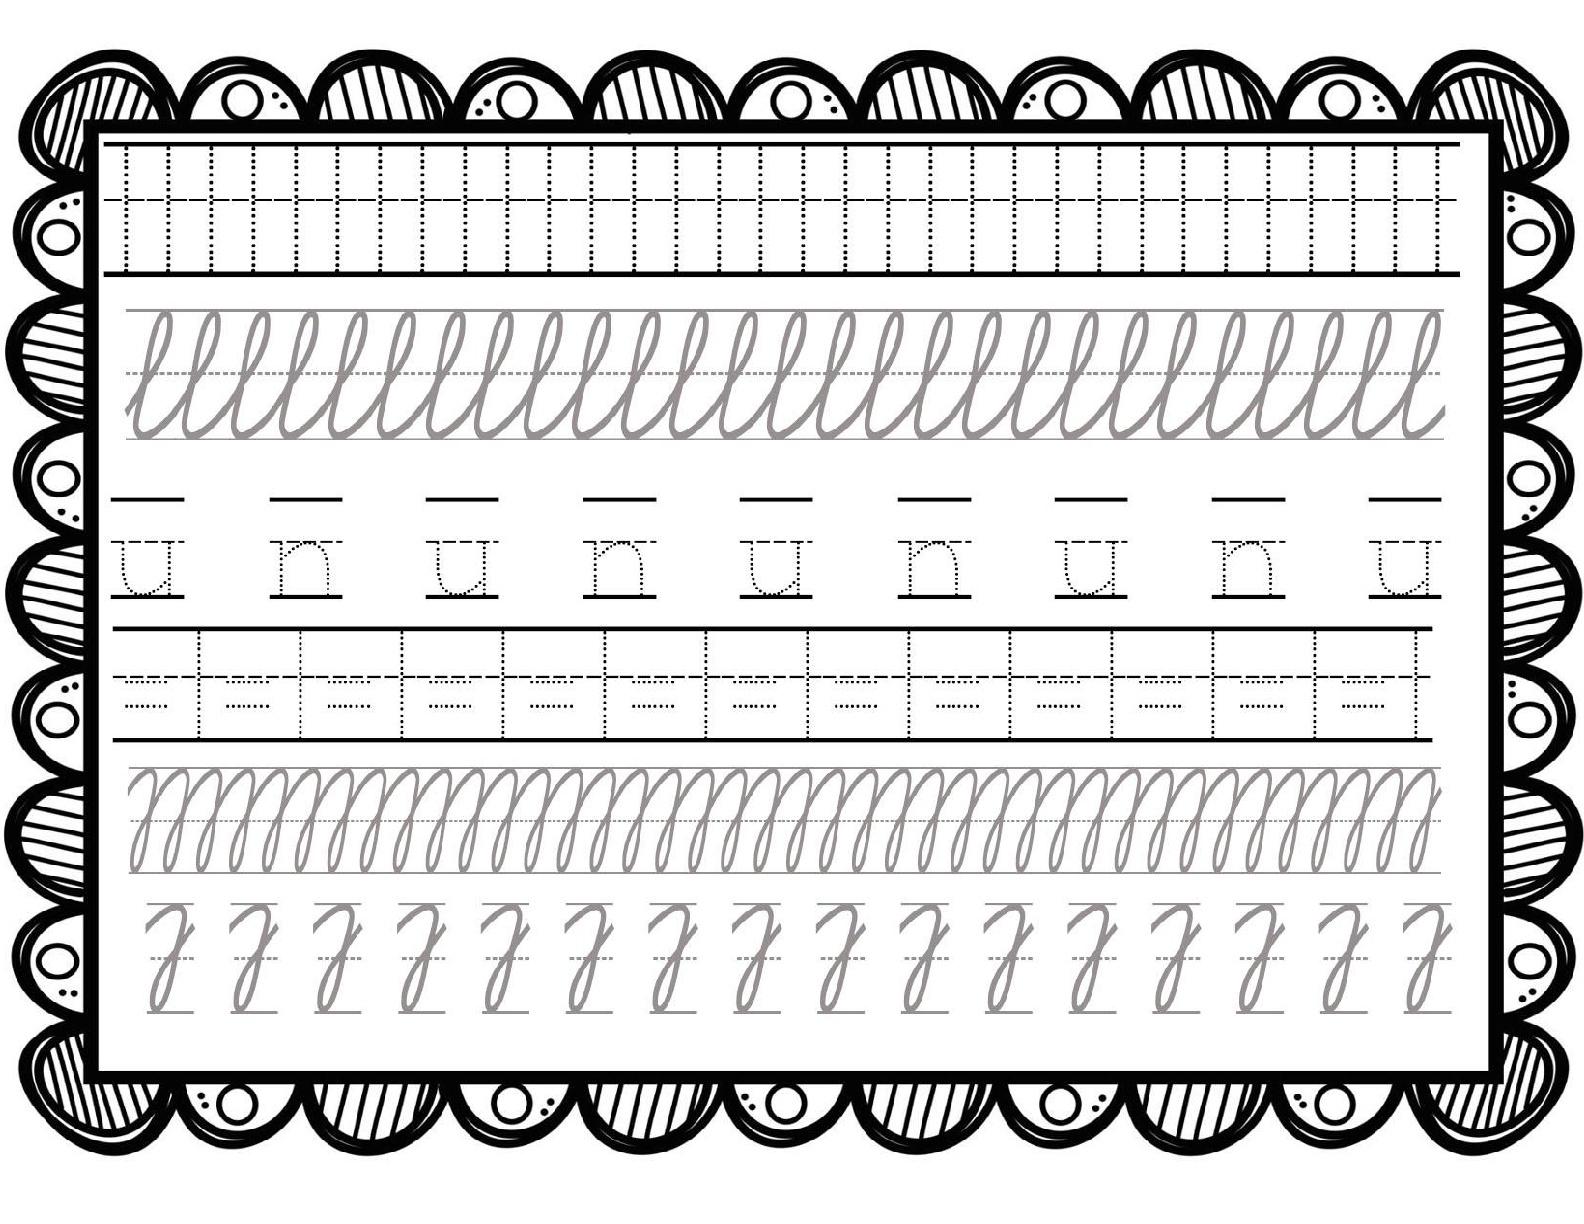 librito-practico-para-el-comienzo-de-la-escritura-en-infantil-o-preescolar-19